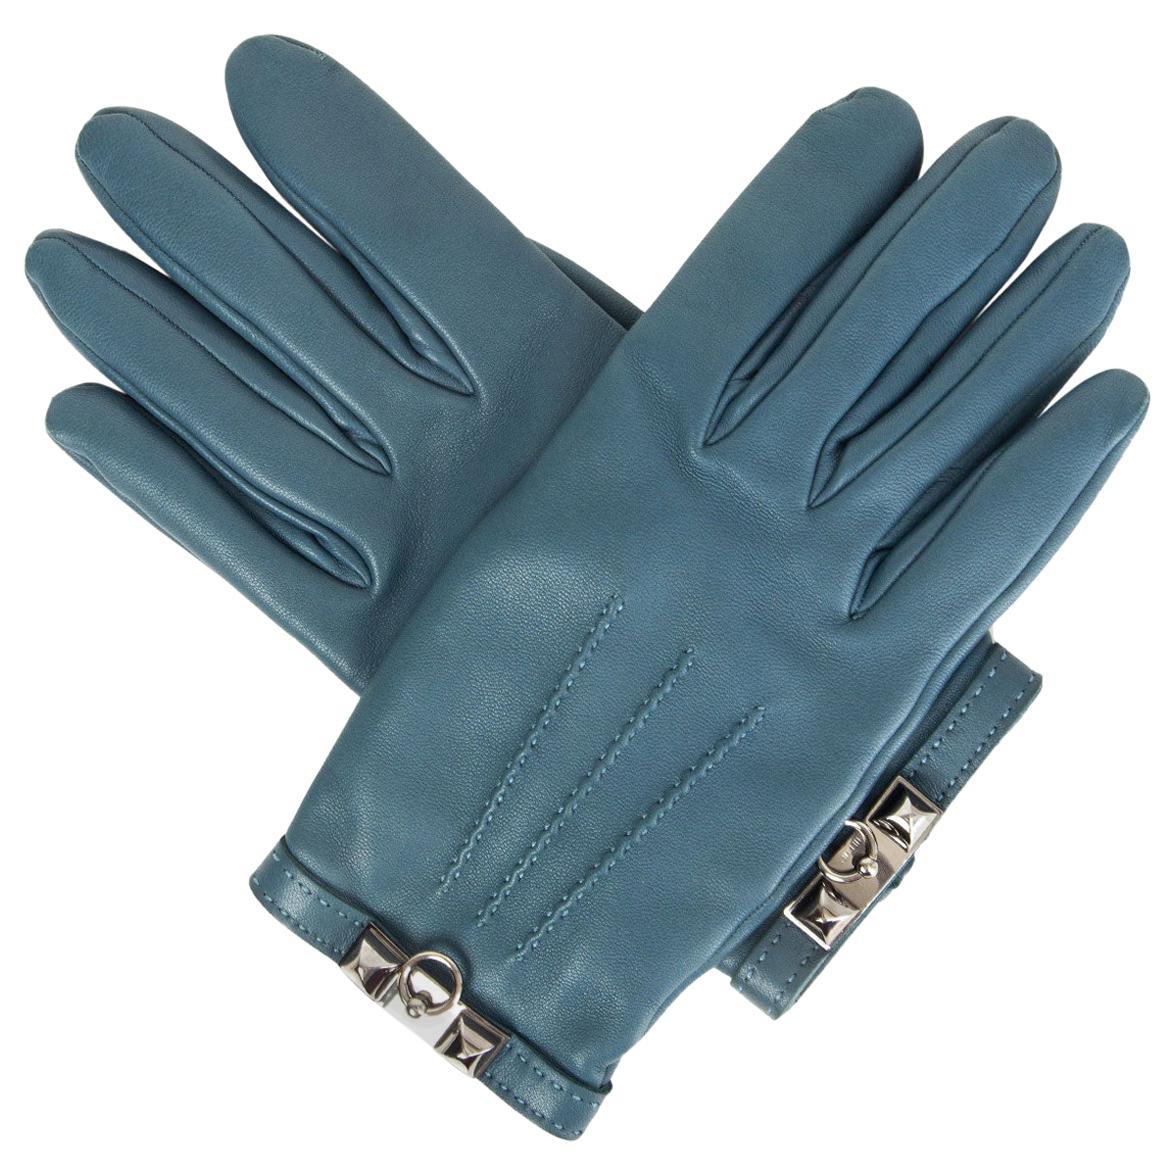 HERMES petrol blue leather cashmere line COLLIER DE CHIEN Gloves 8